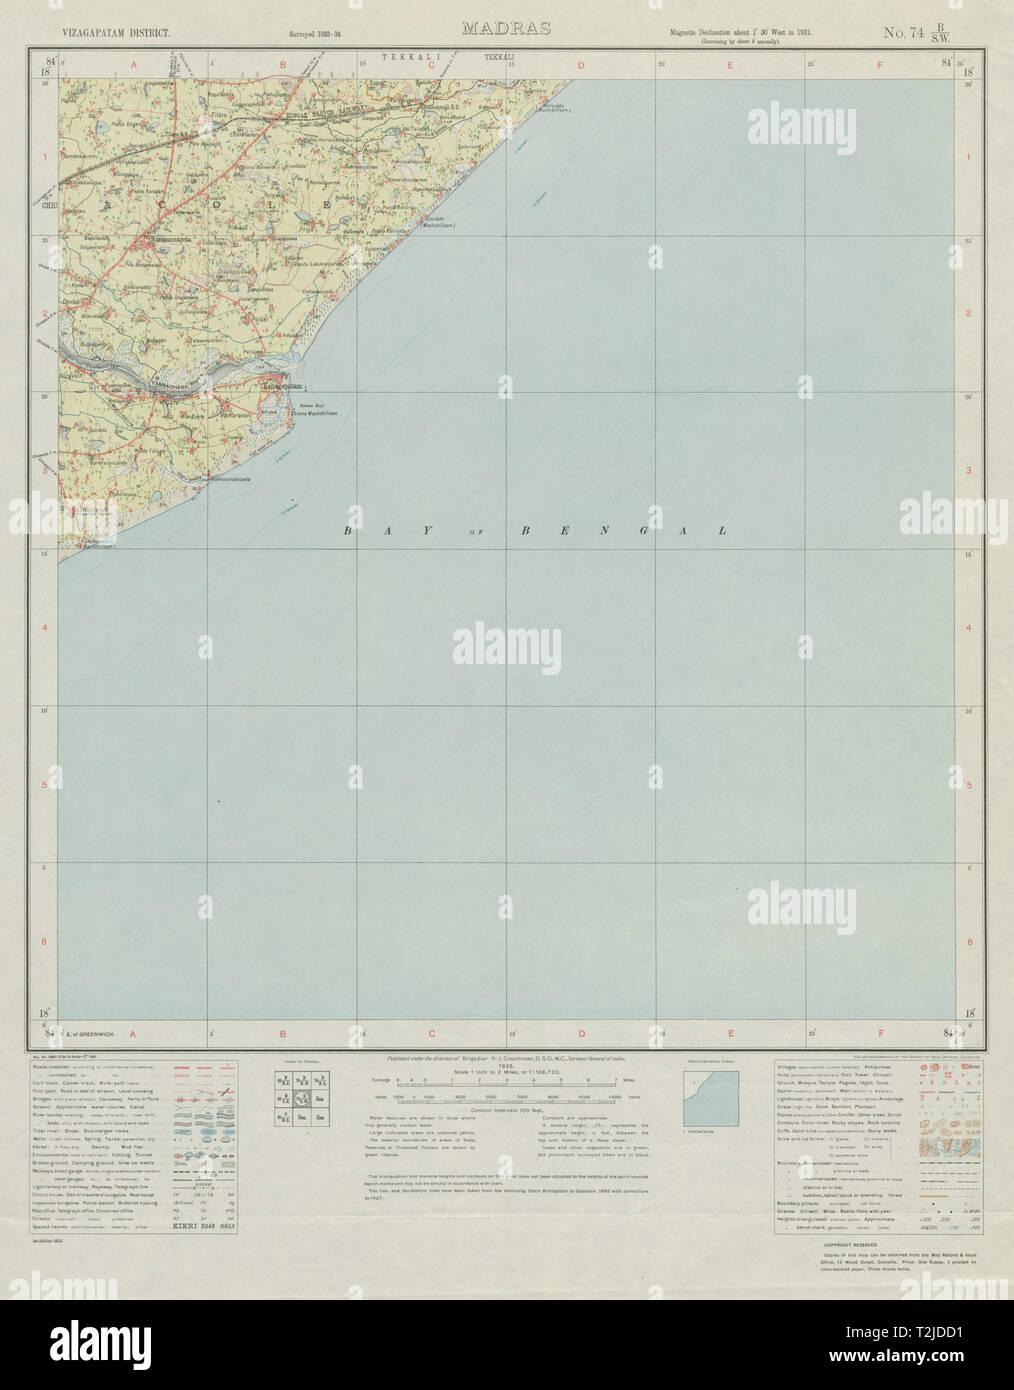 Andhra Pradesh Map Stock Photos & Andhra Pradesh Map Stock Images